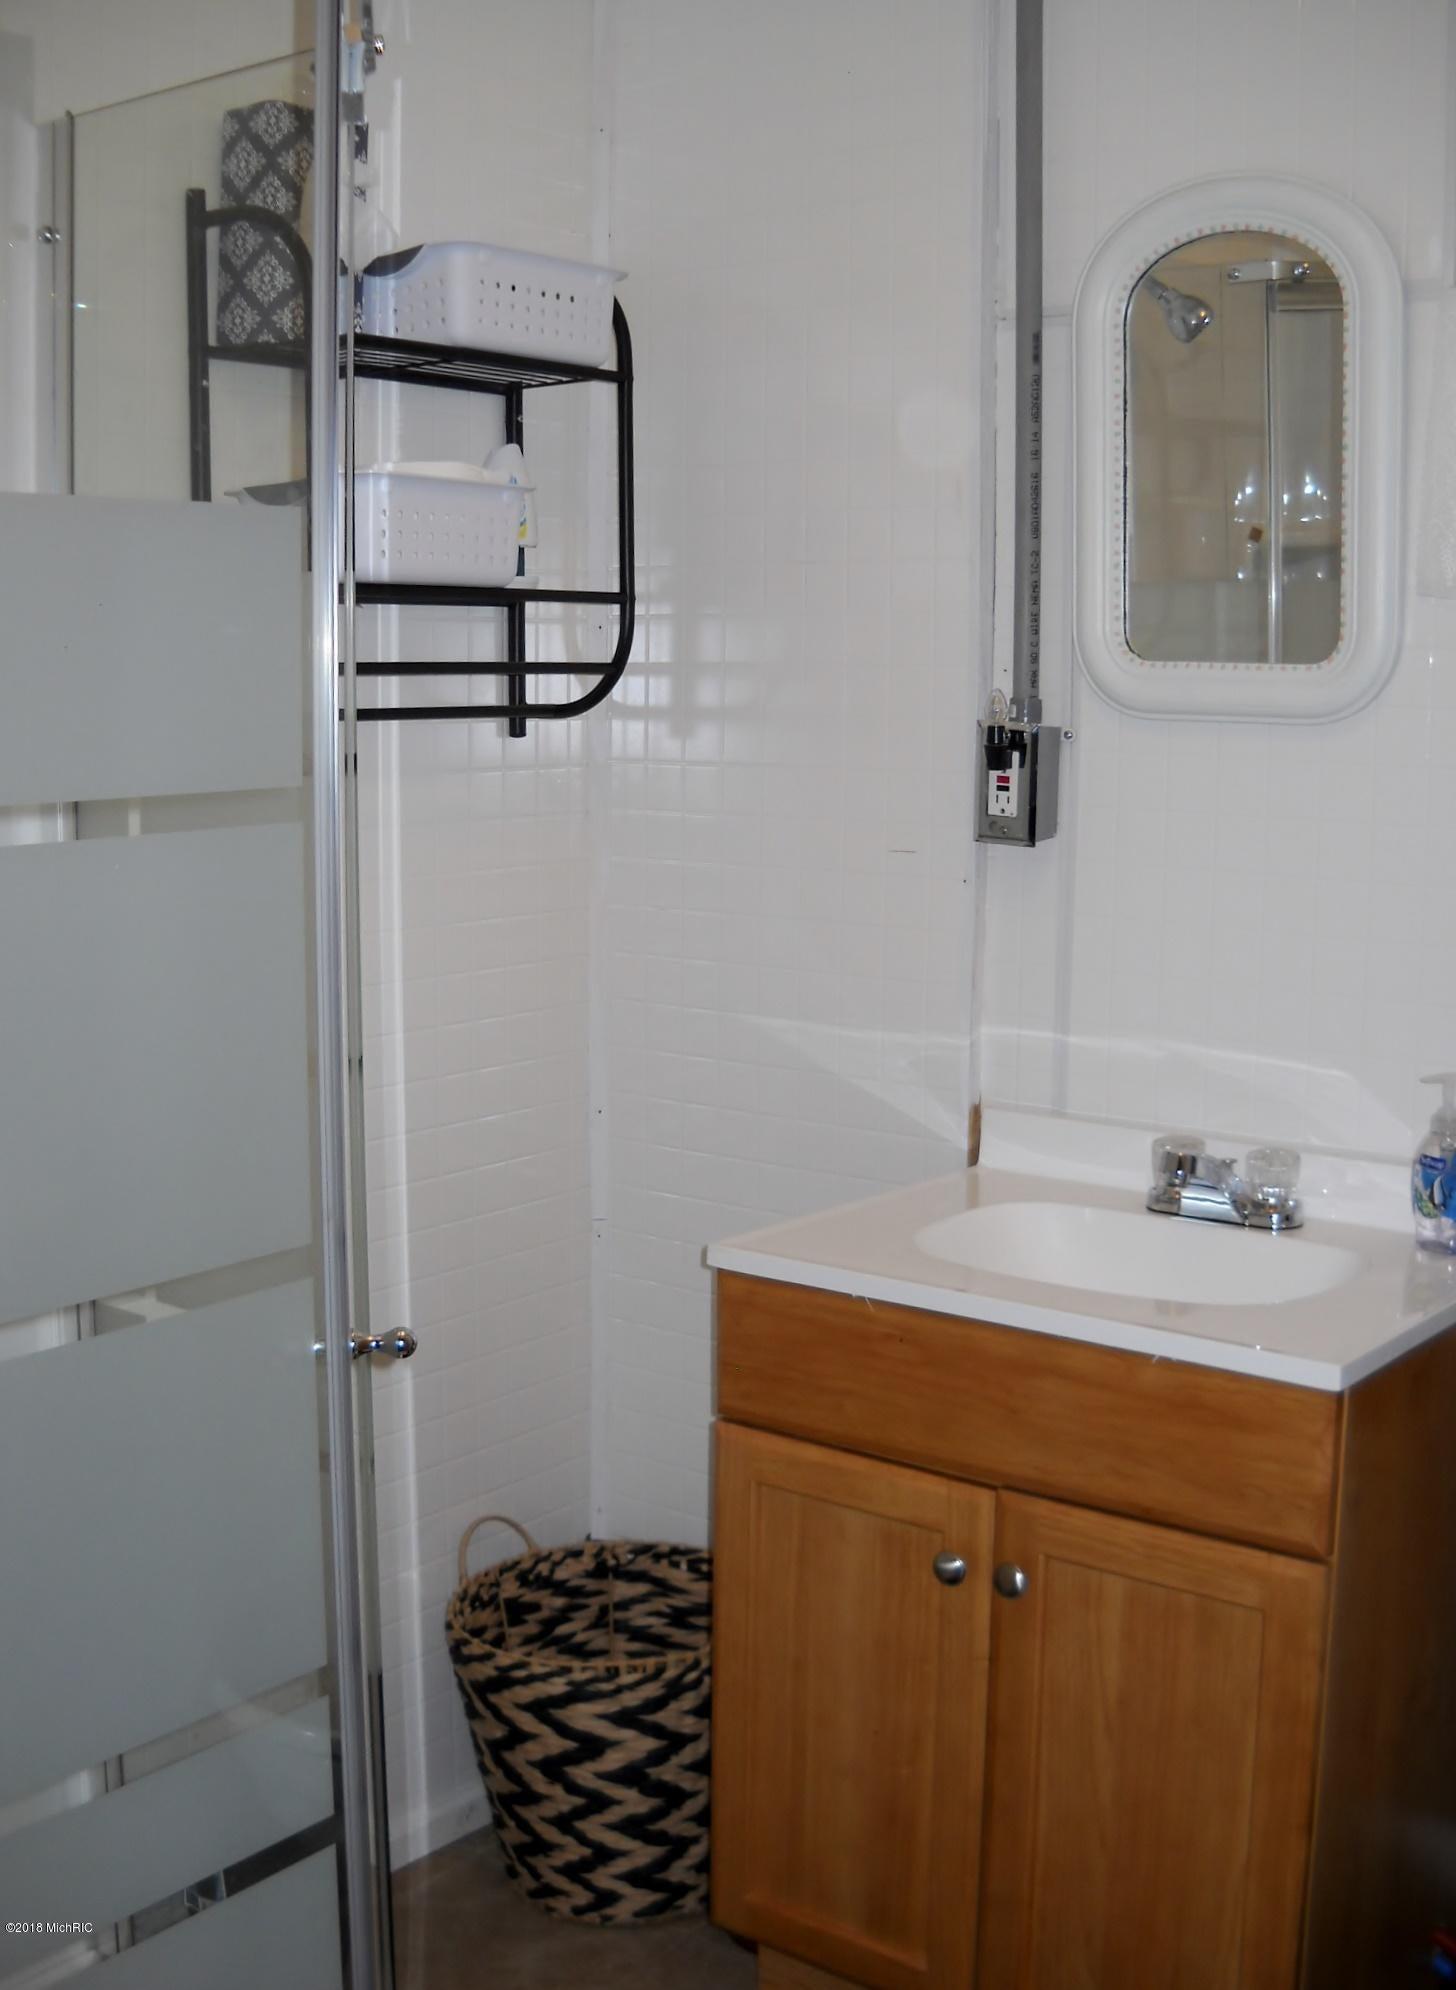 Bath - shower & sink